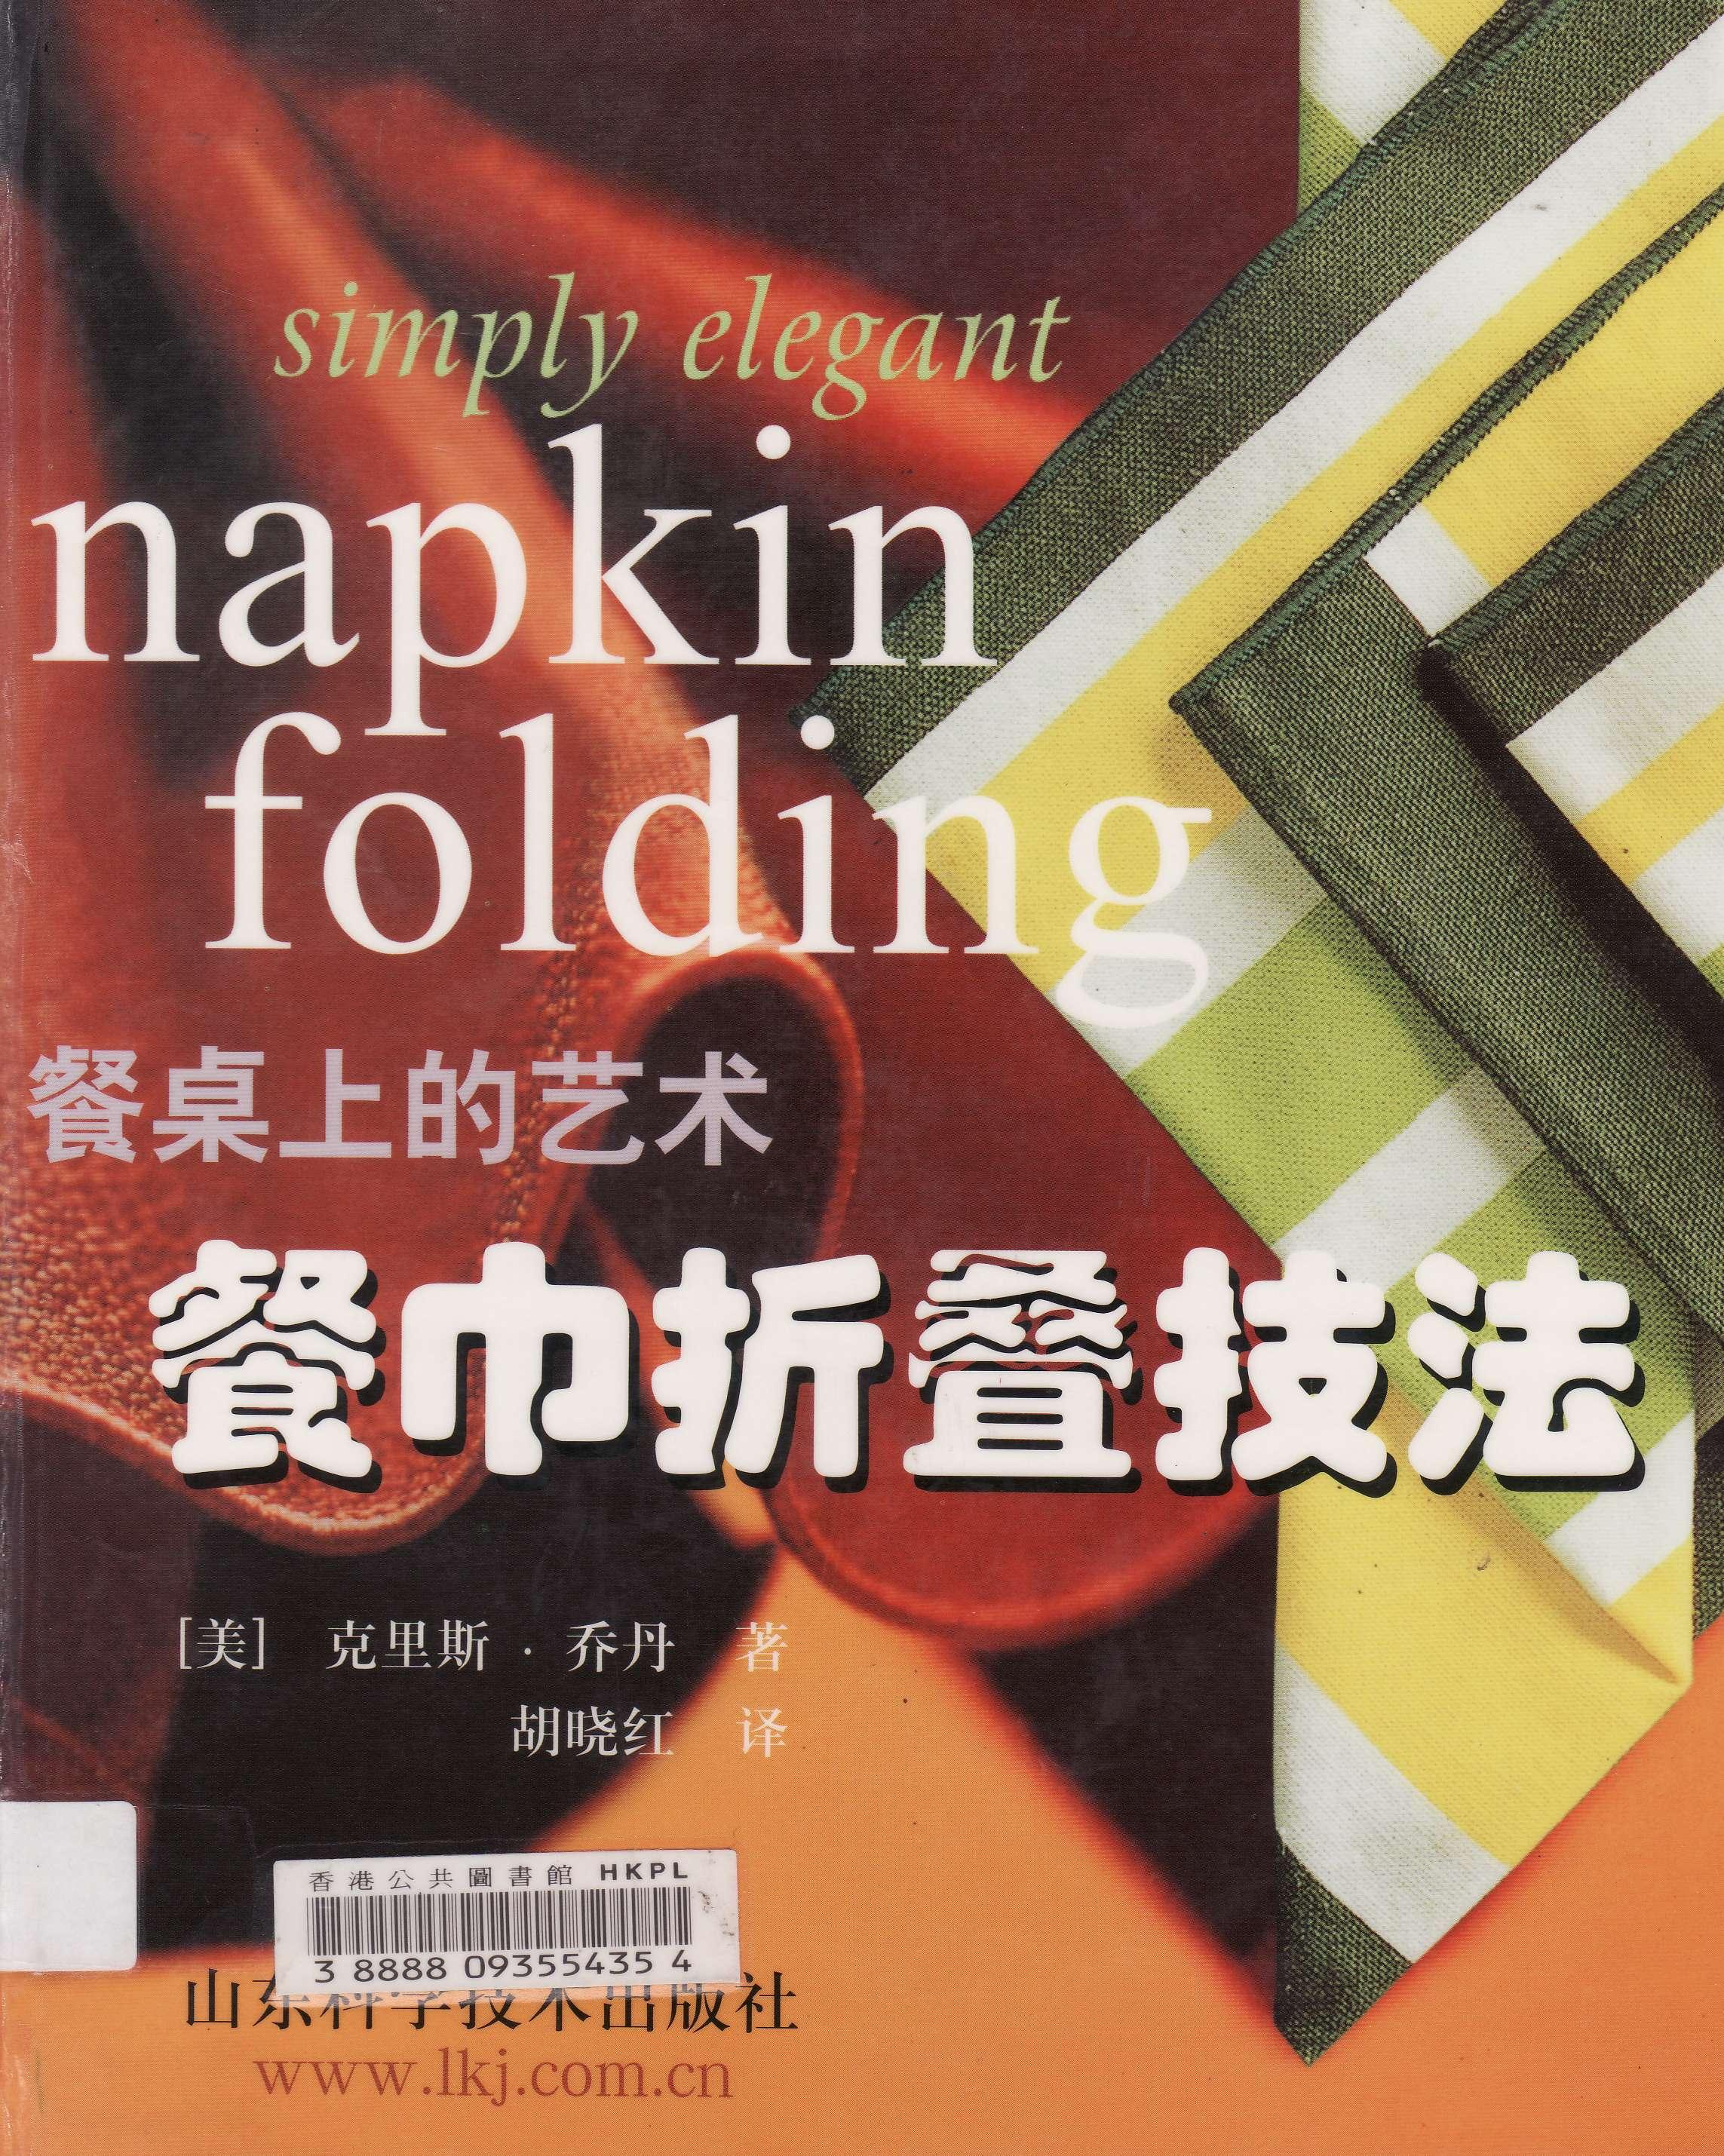 餐巾折叠技法